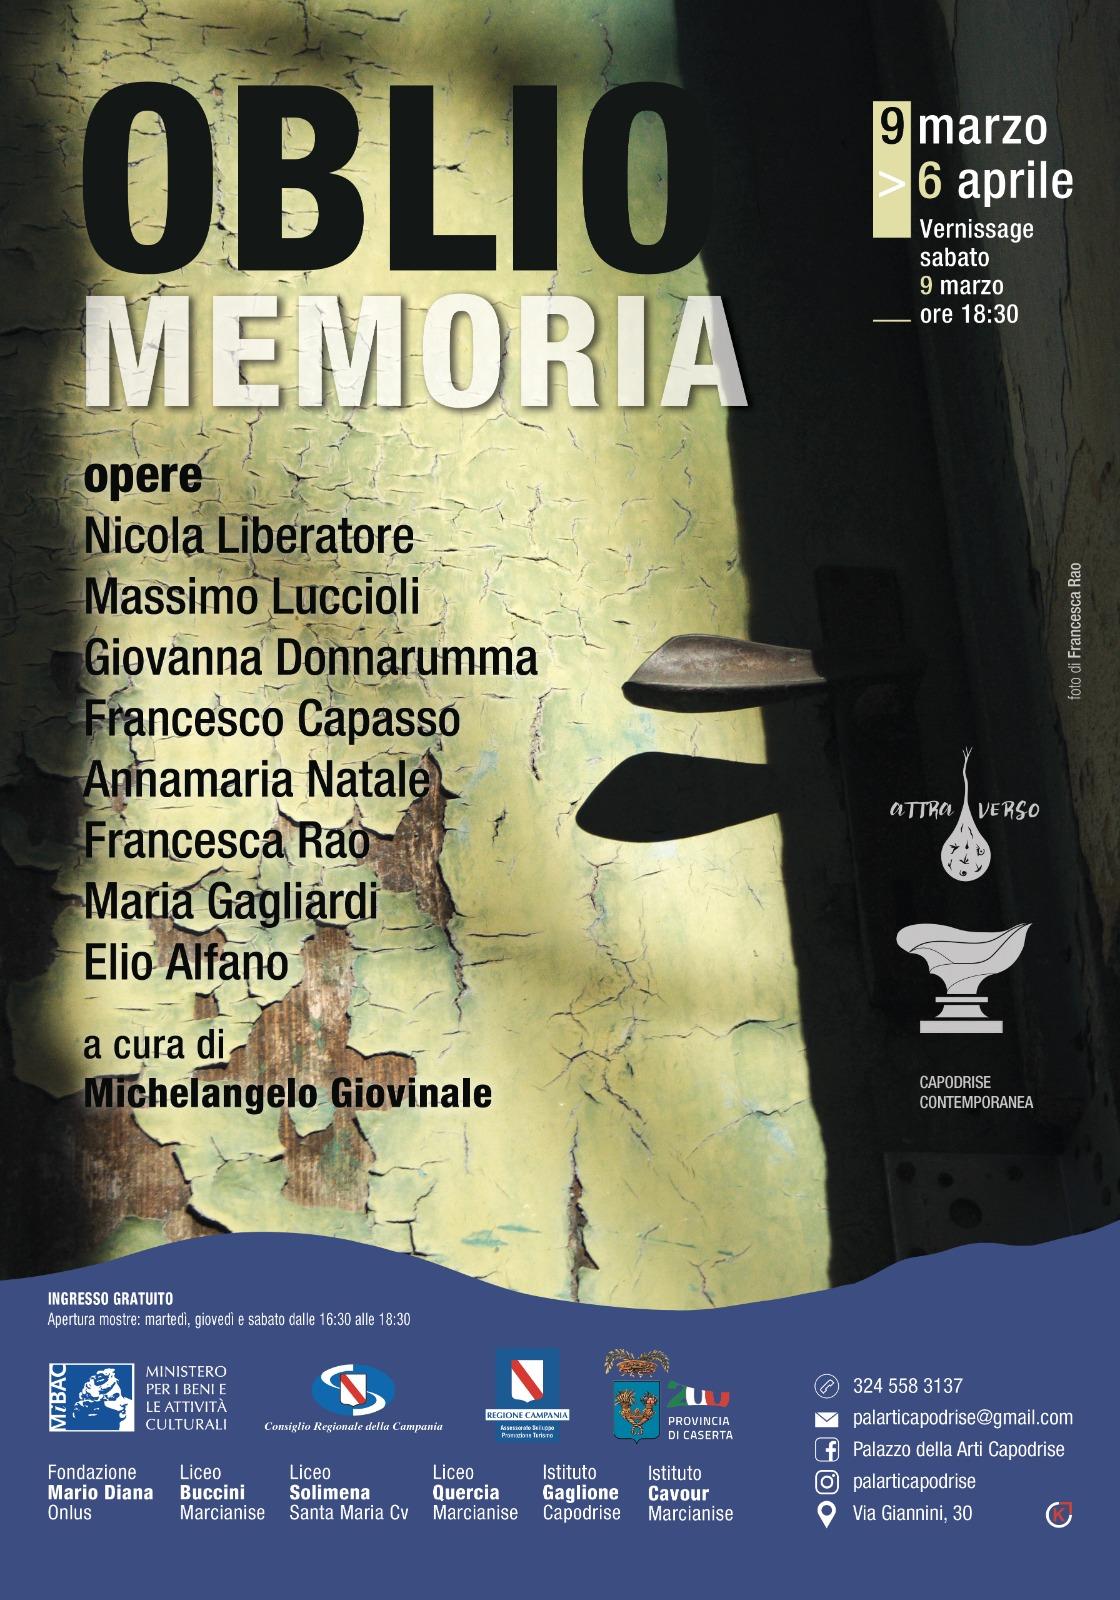 Oblio memoria  opere di Nicola Liberatore, Massimo Luccioli, Giovanna Donnarumma, Francesco Capasso, Annamaria Natale, Francesca Rao, Maria Gagliardi, Elio Alfano